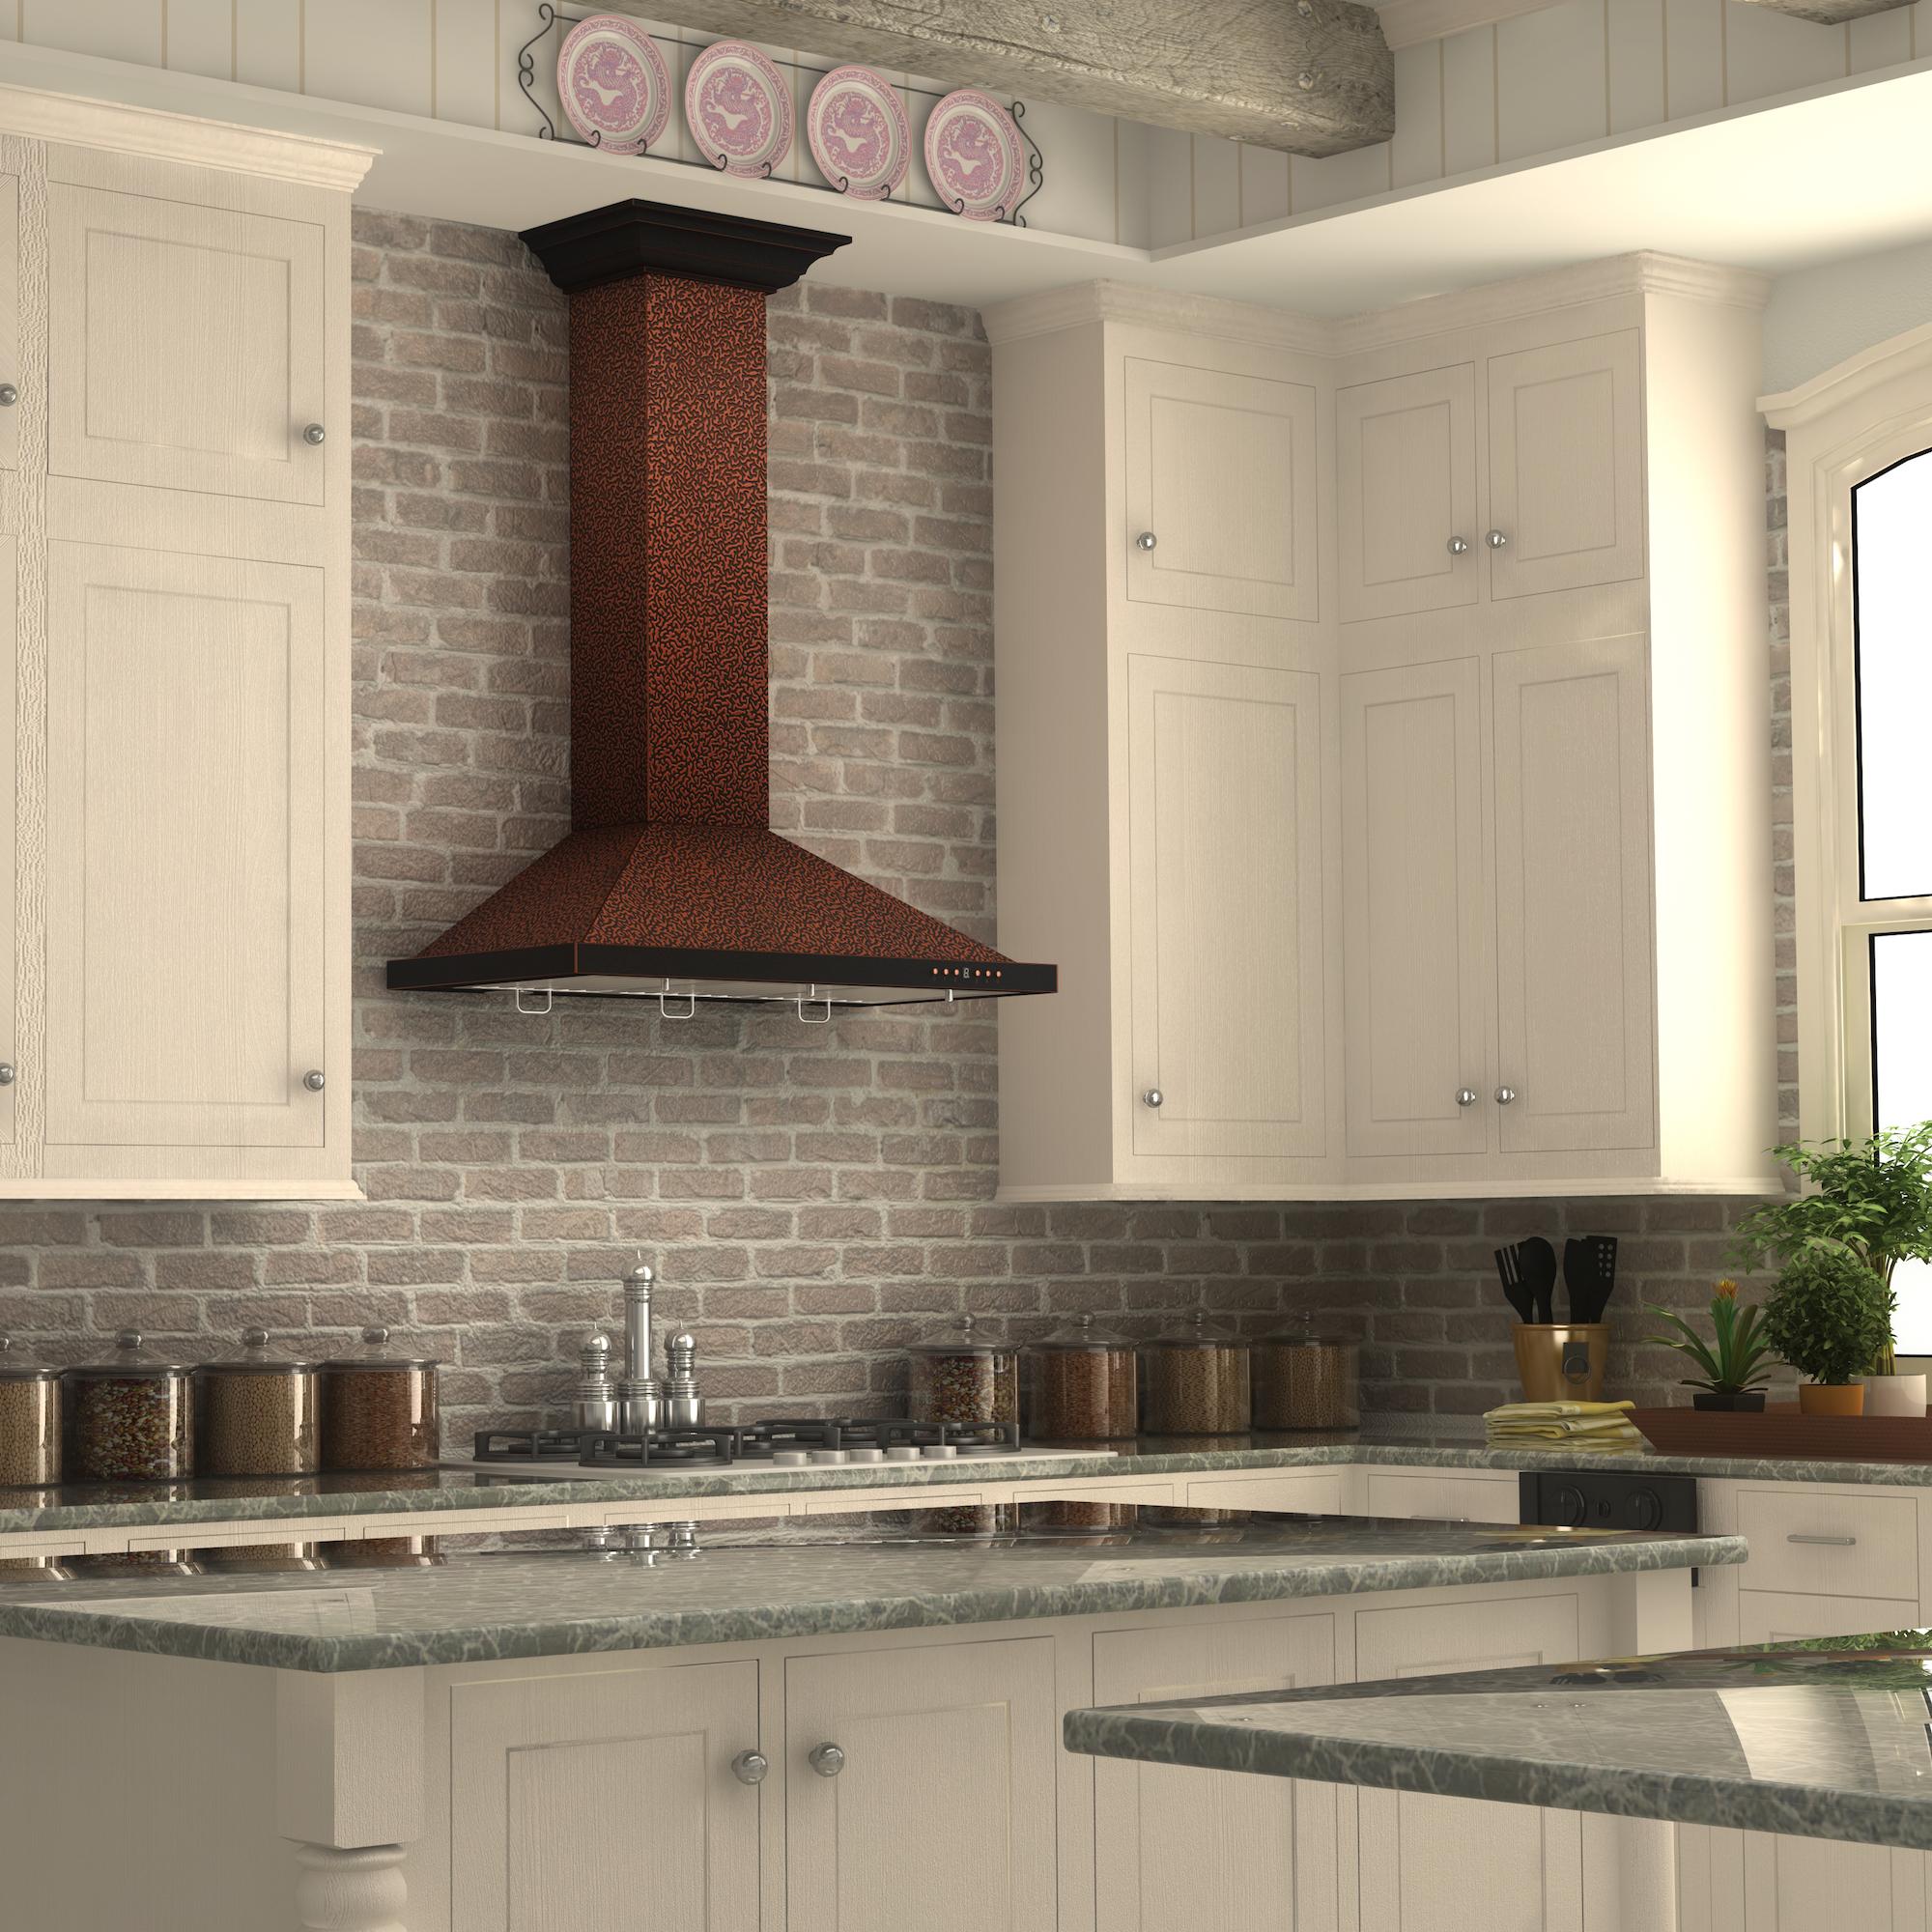 zline-copper-wall-mounted-range-hood-8KBE-kitchen.jpg